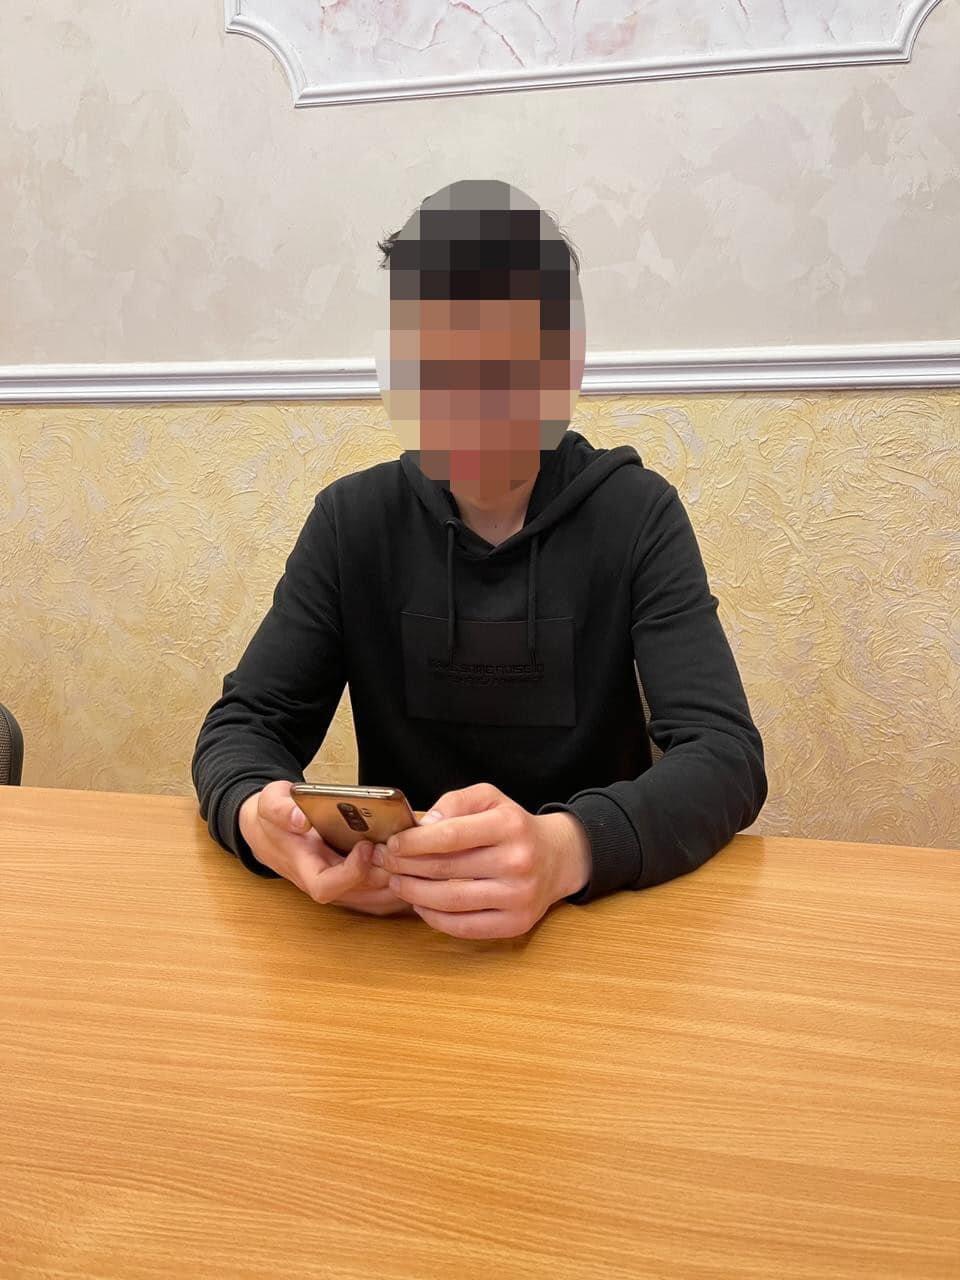 В Харькове подросток грозил устроить в школах теракты, как в Казани: хотел стать звездой TikTok